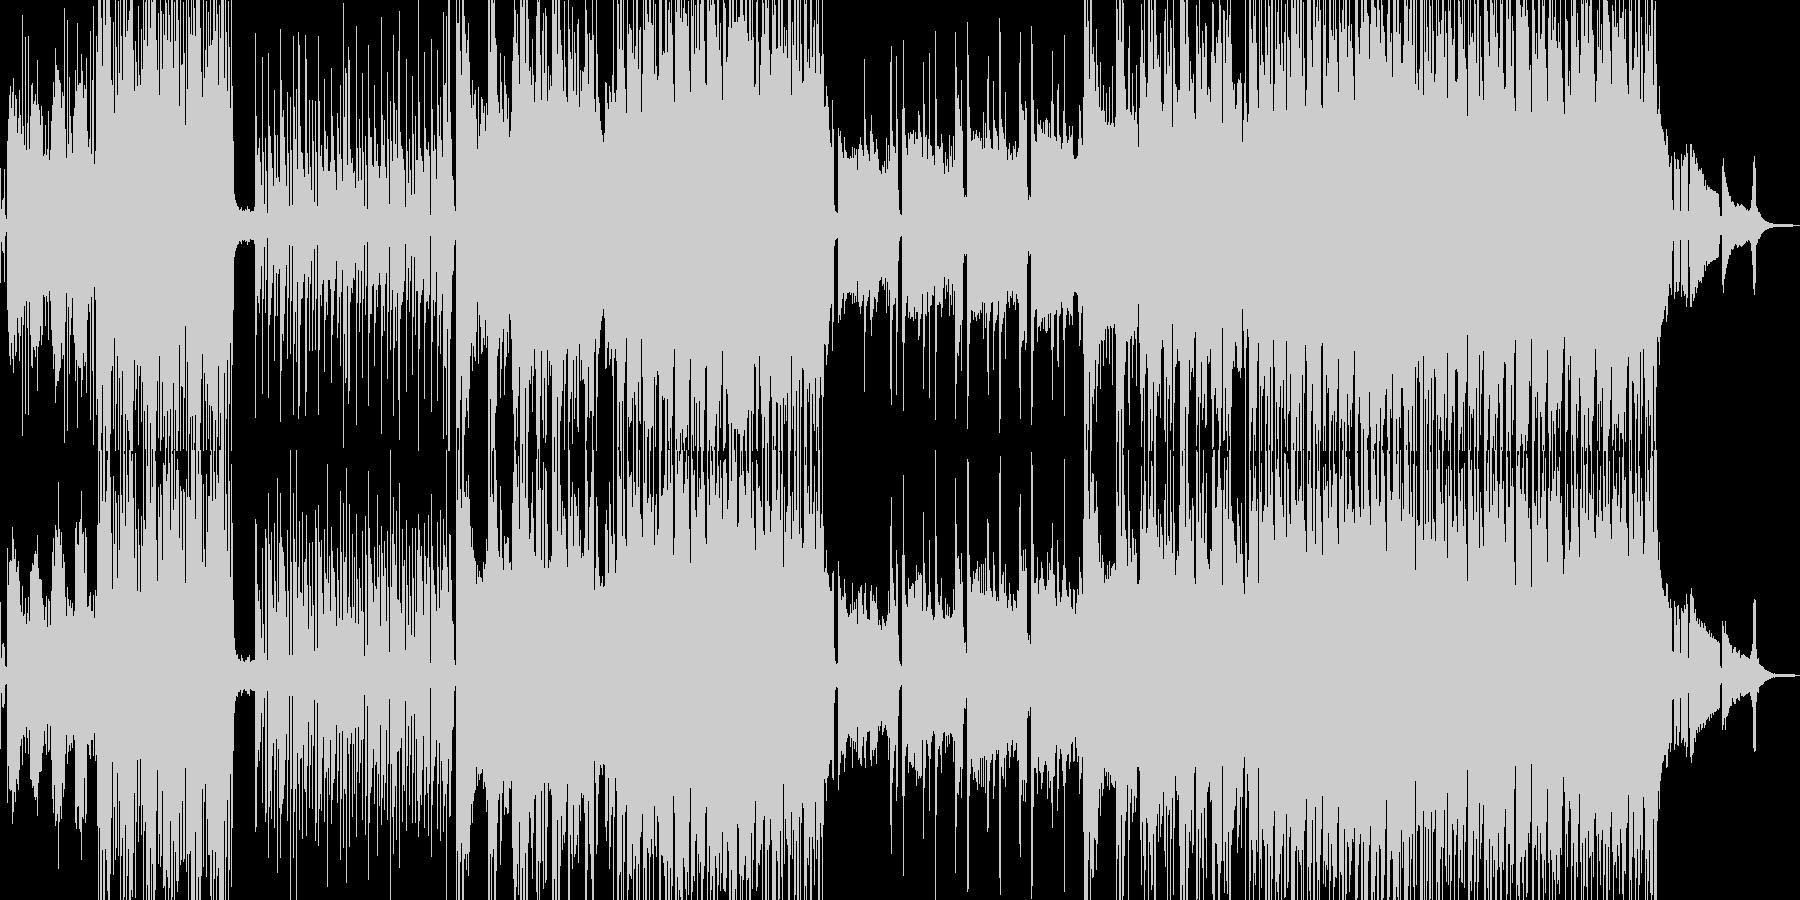 夏風感じるトロピカルポップスの未再生の波形